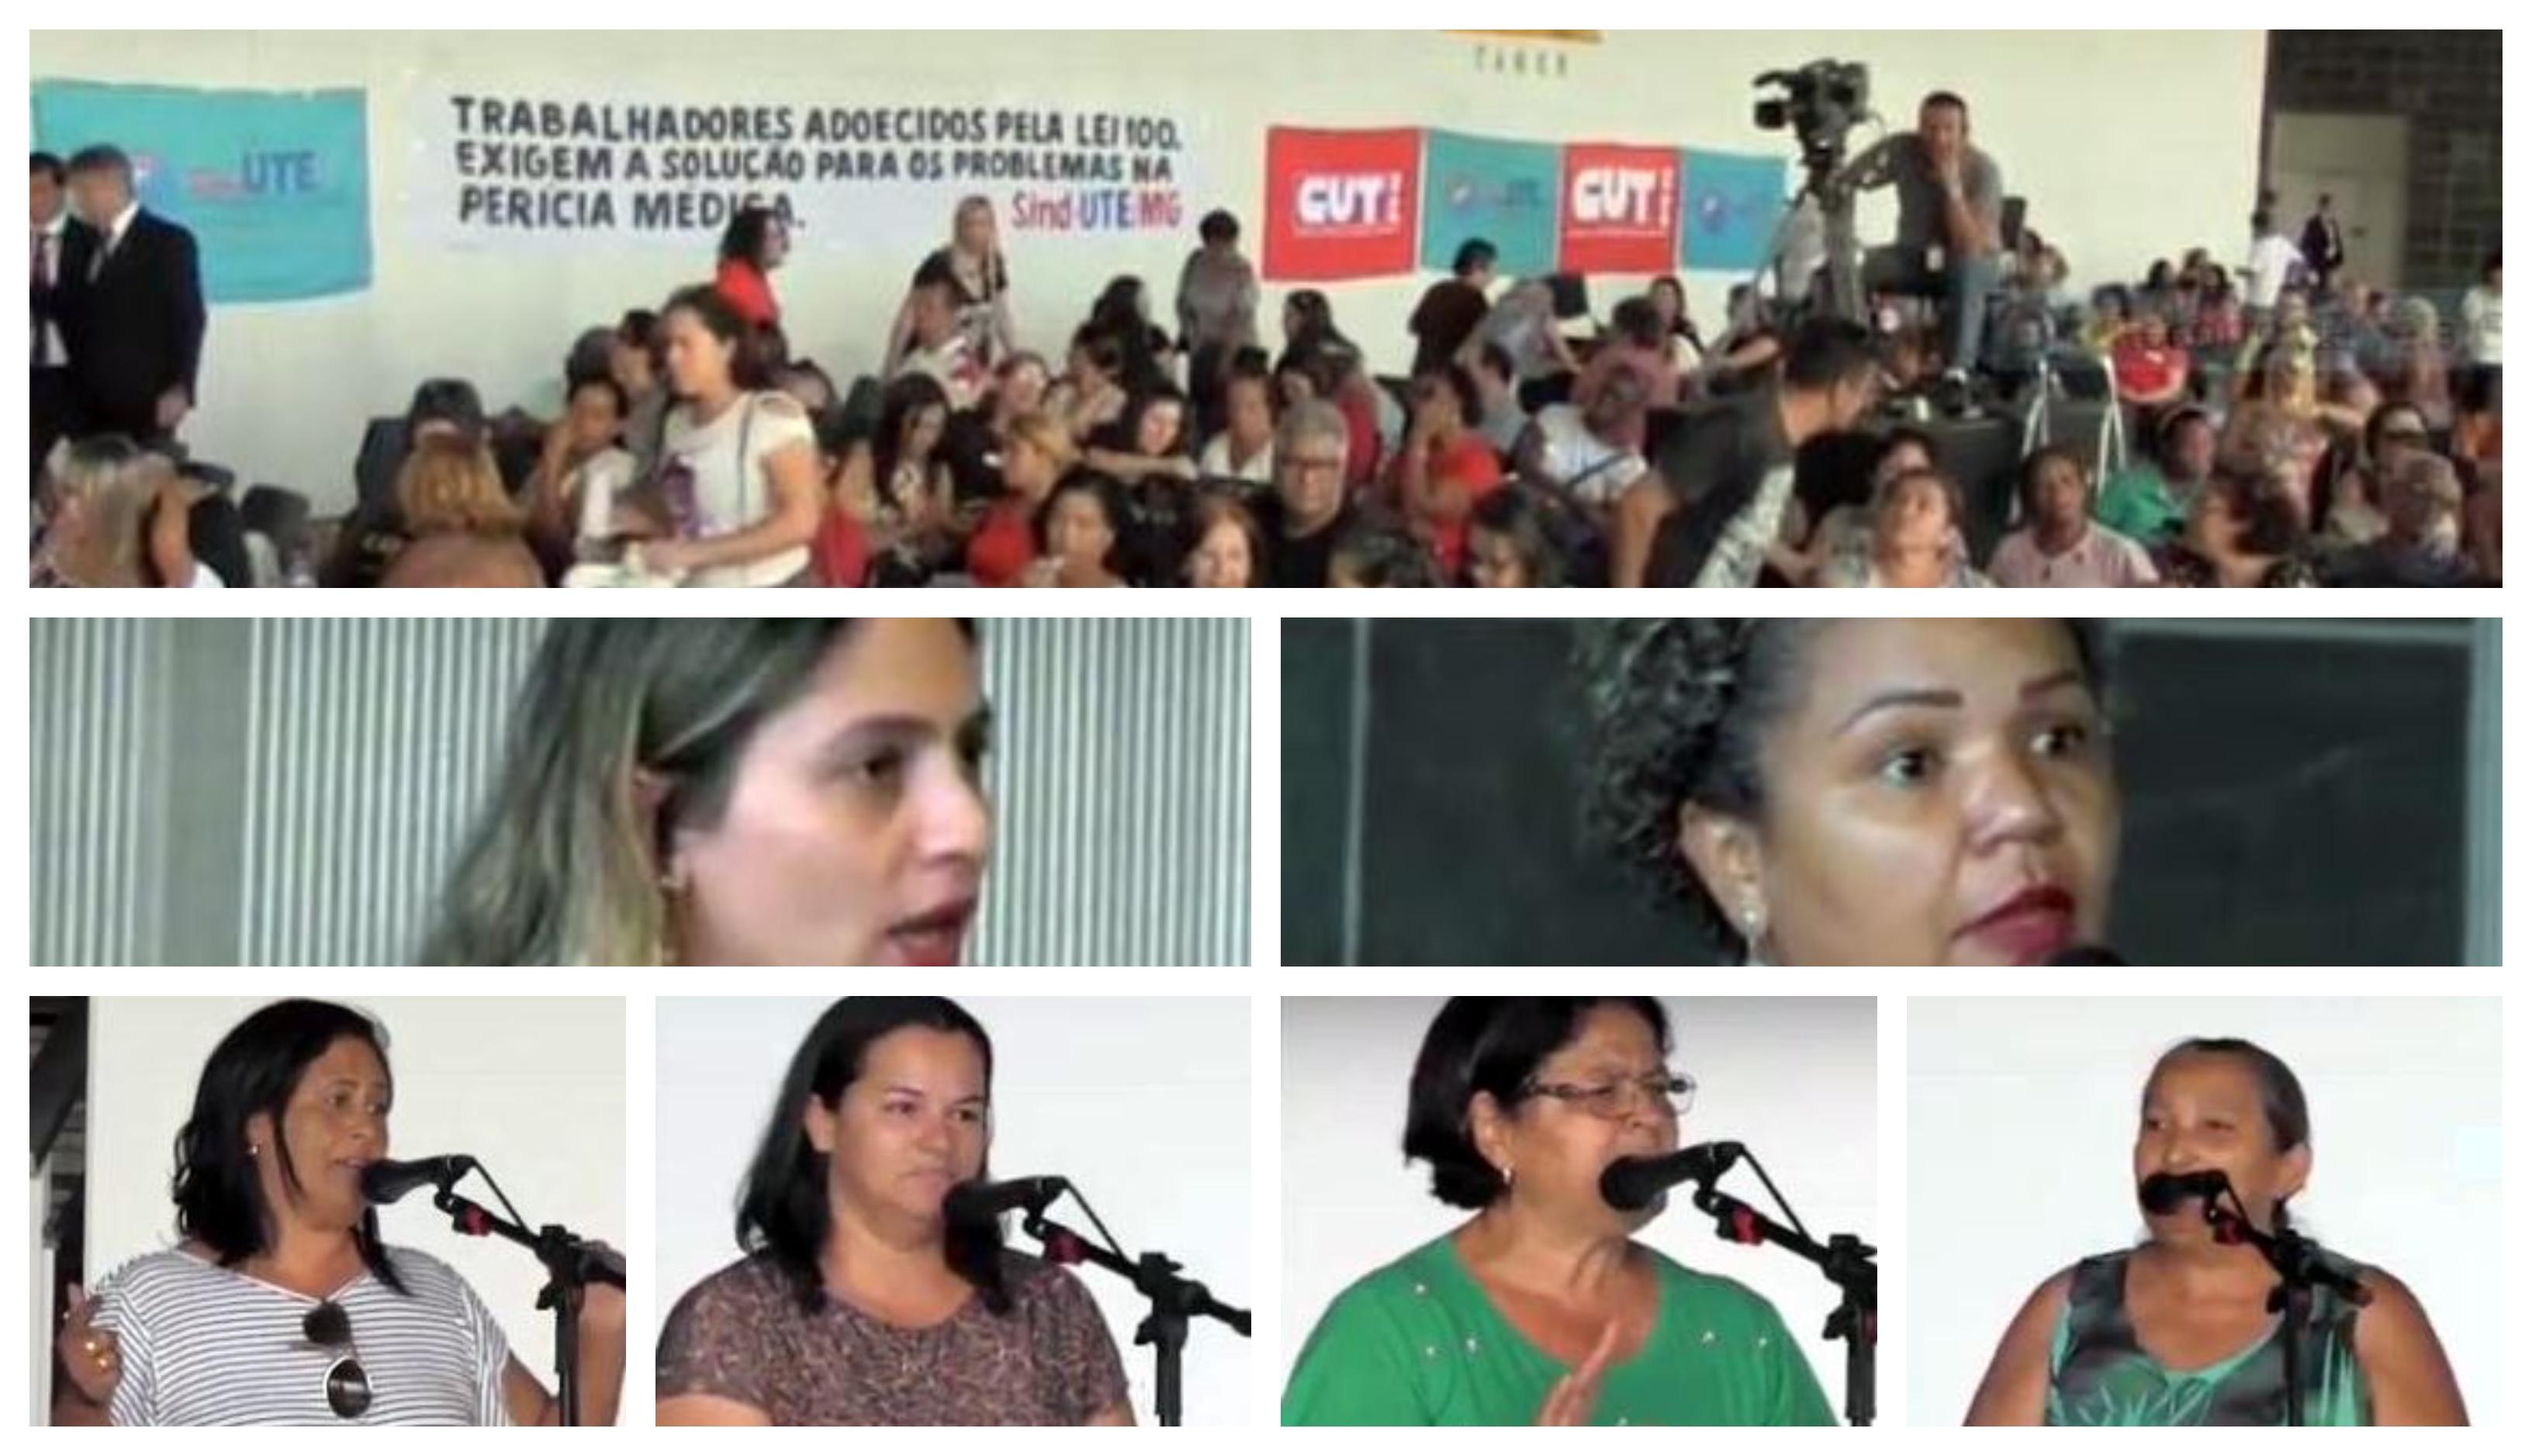 Beatriz Cerqueira: Vitória de educadores adoecidos; licença médica prorrogada até 2022